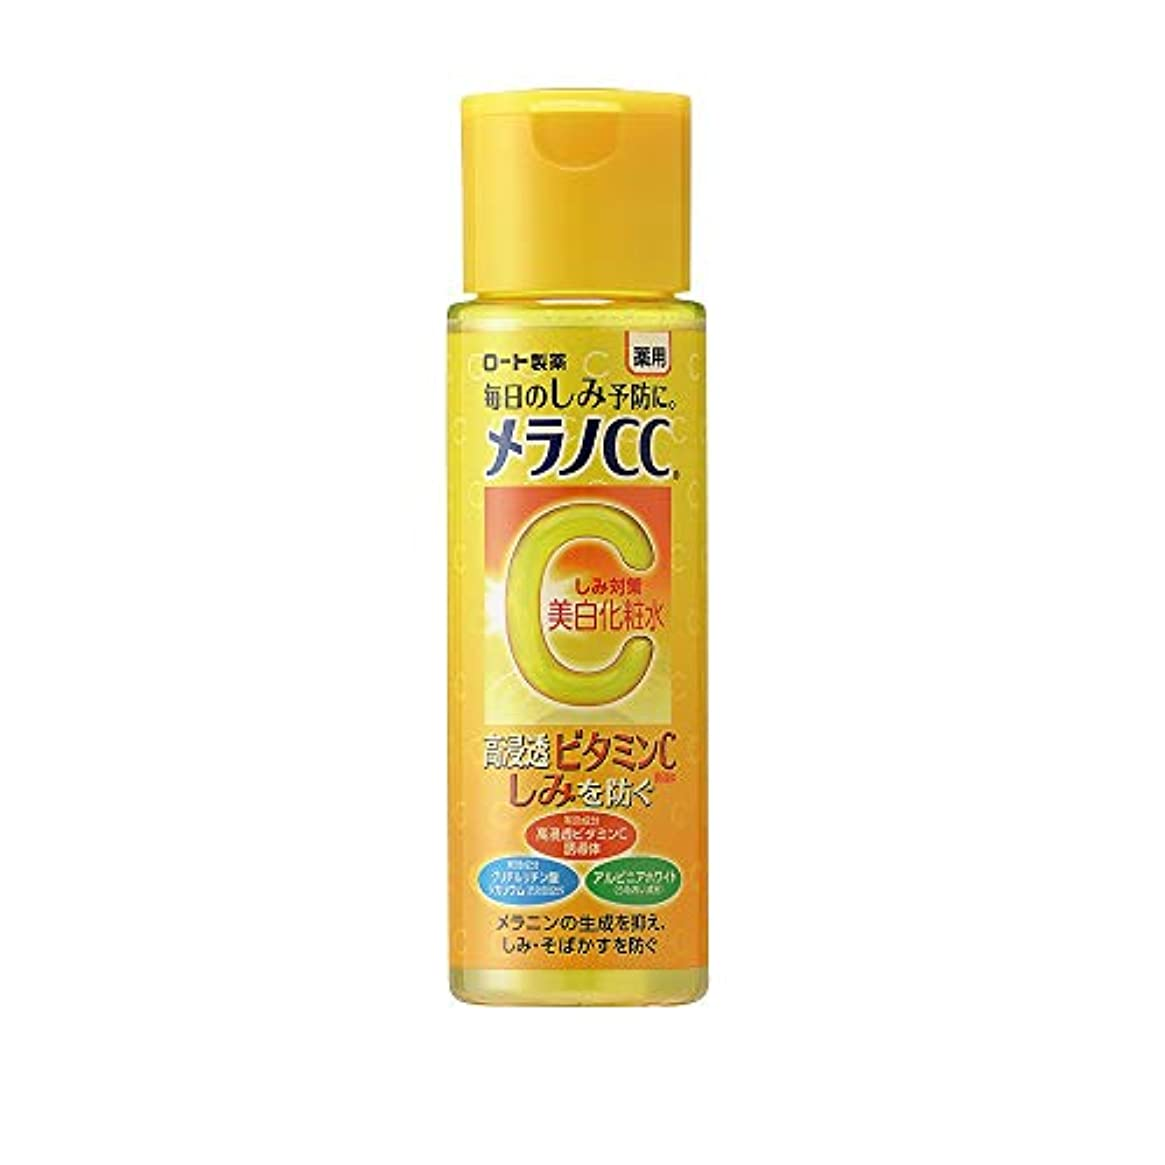 蒸気カカドゥ葉巻【医薬部外品】メラノCC 薬用しみ?そばかす対策 美白 化粧水 170mL